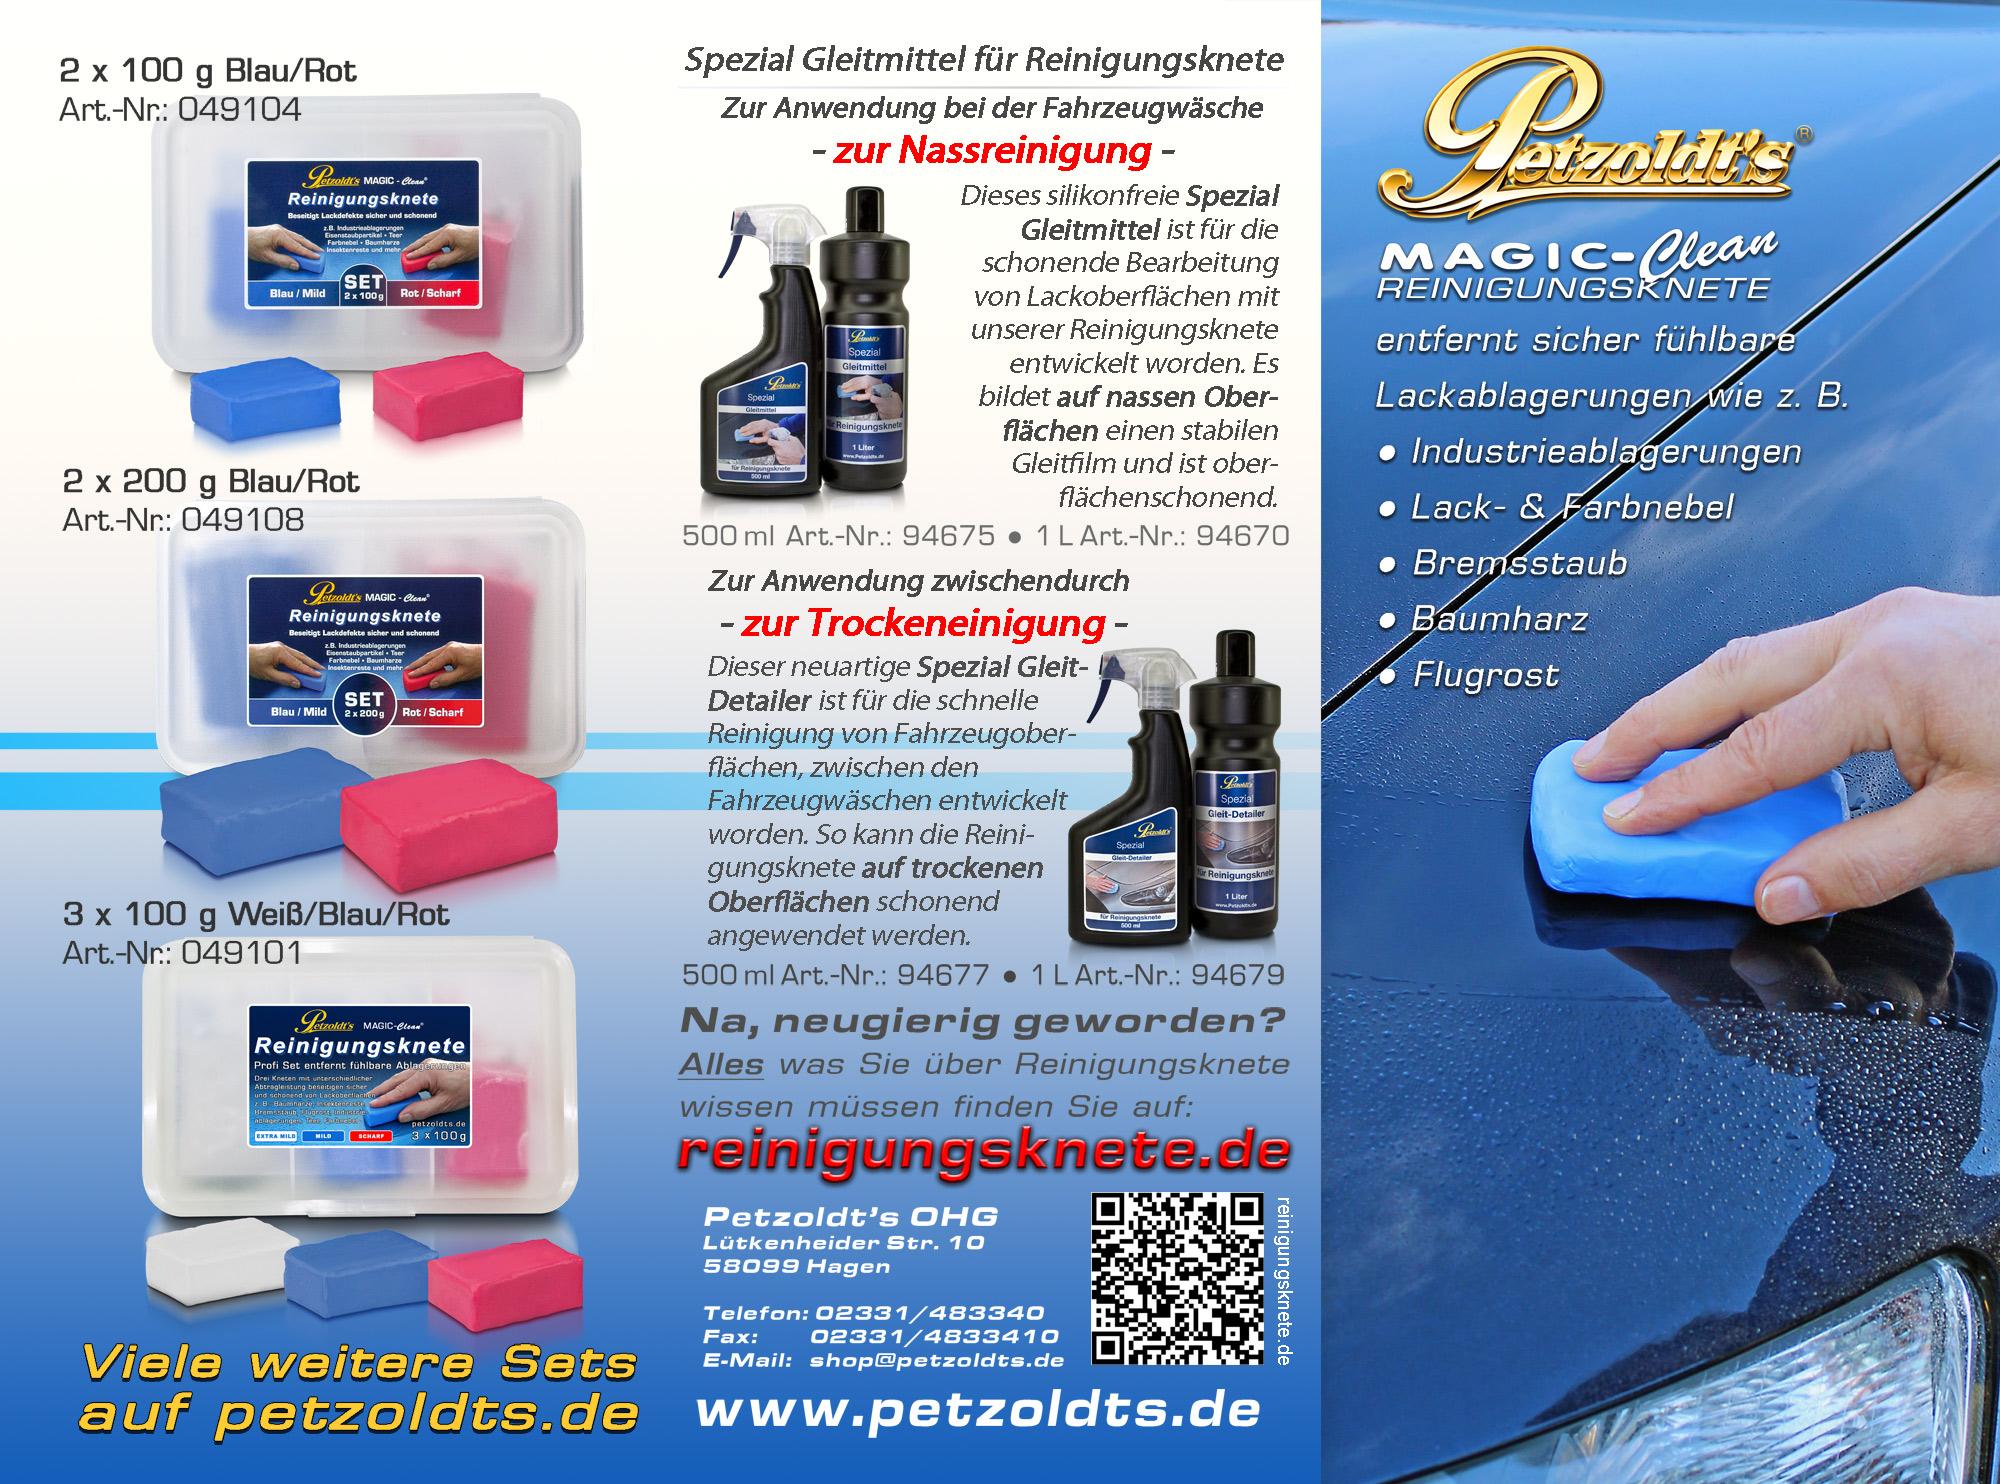 Petzoldts weiße MAGIC-Clean Reinigungsknete, extra mild